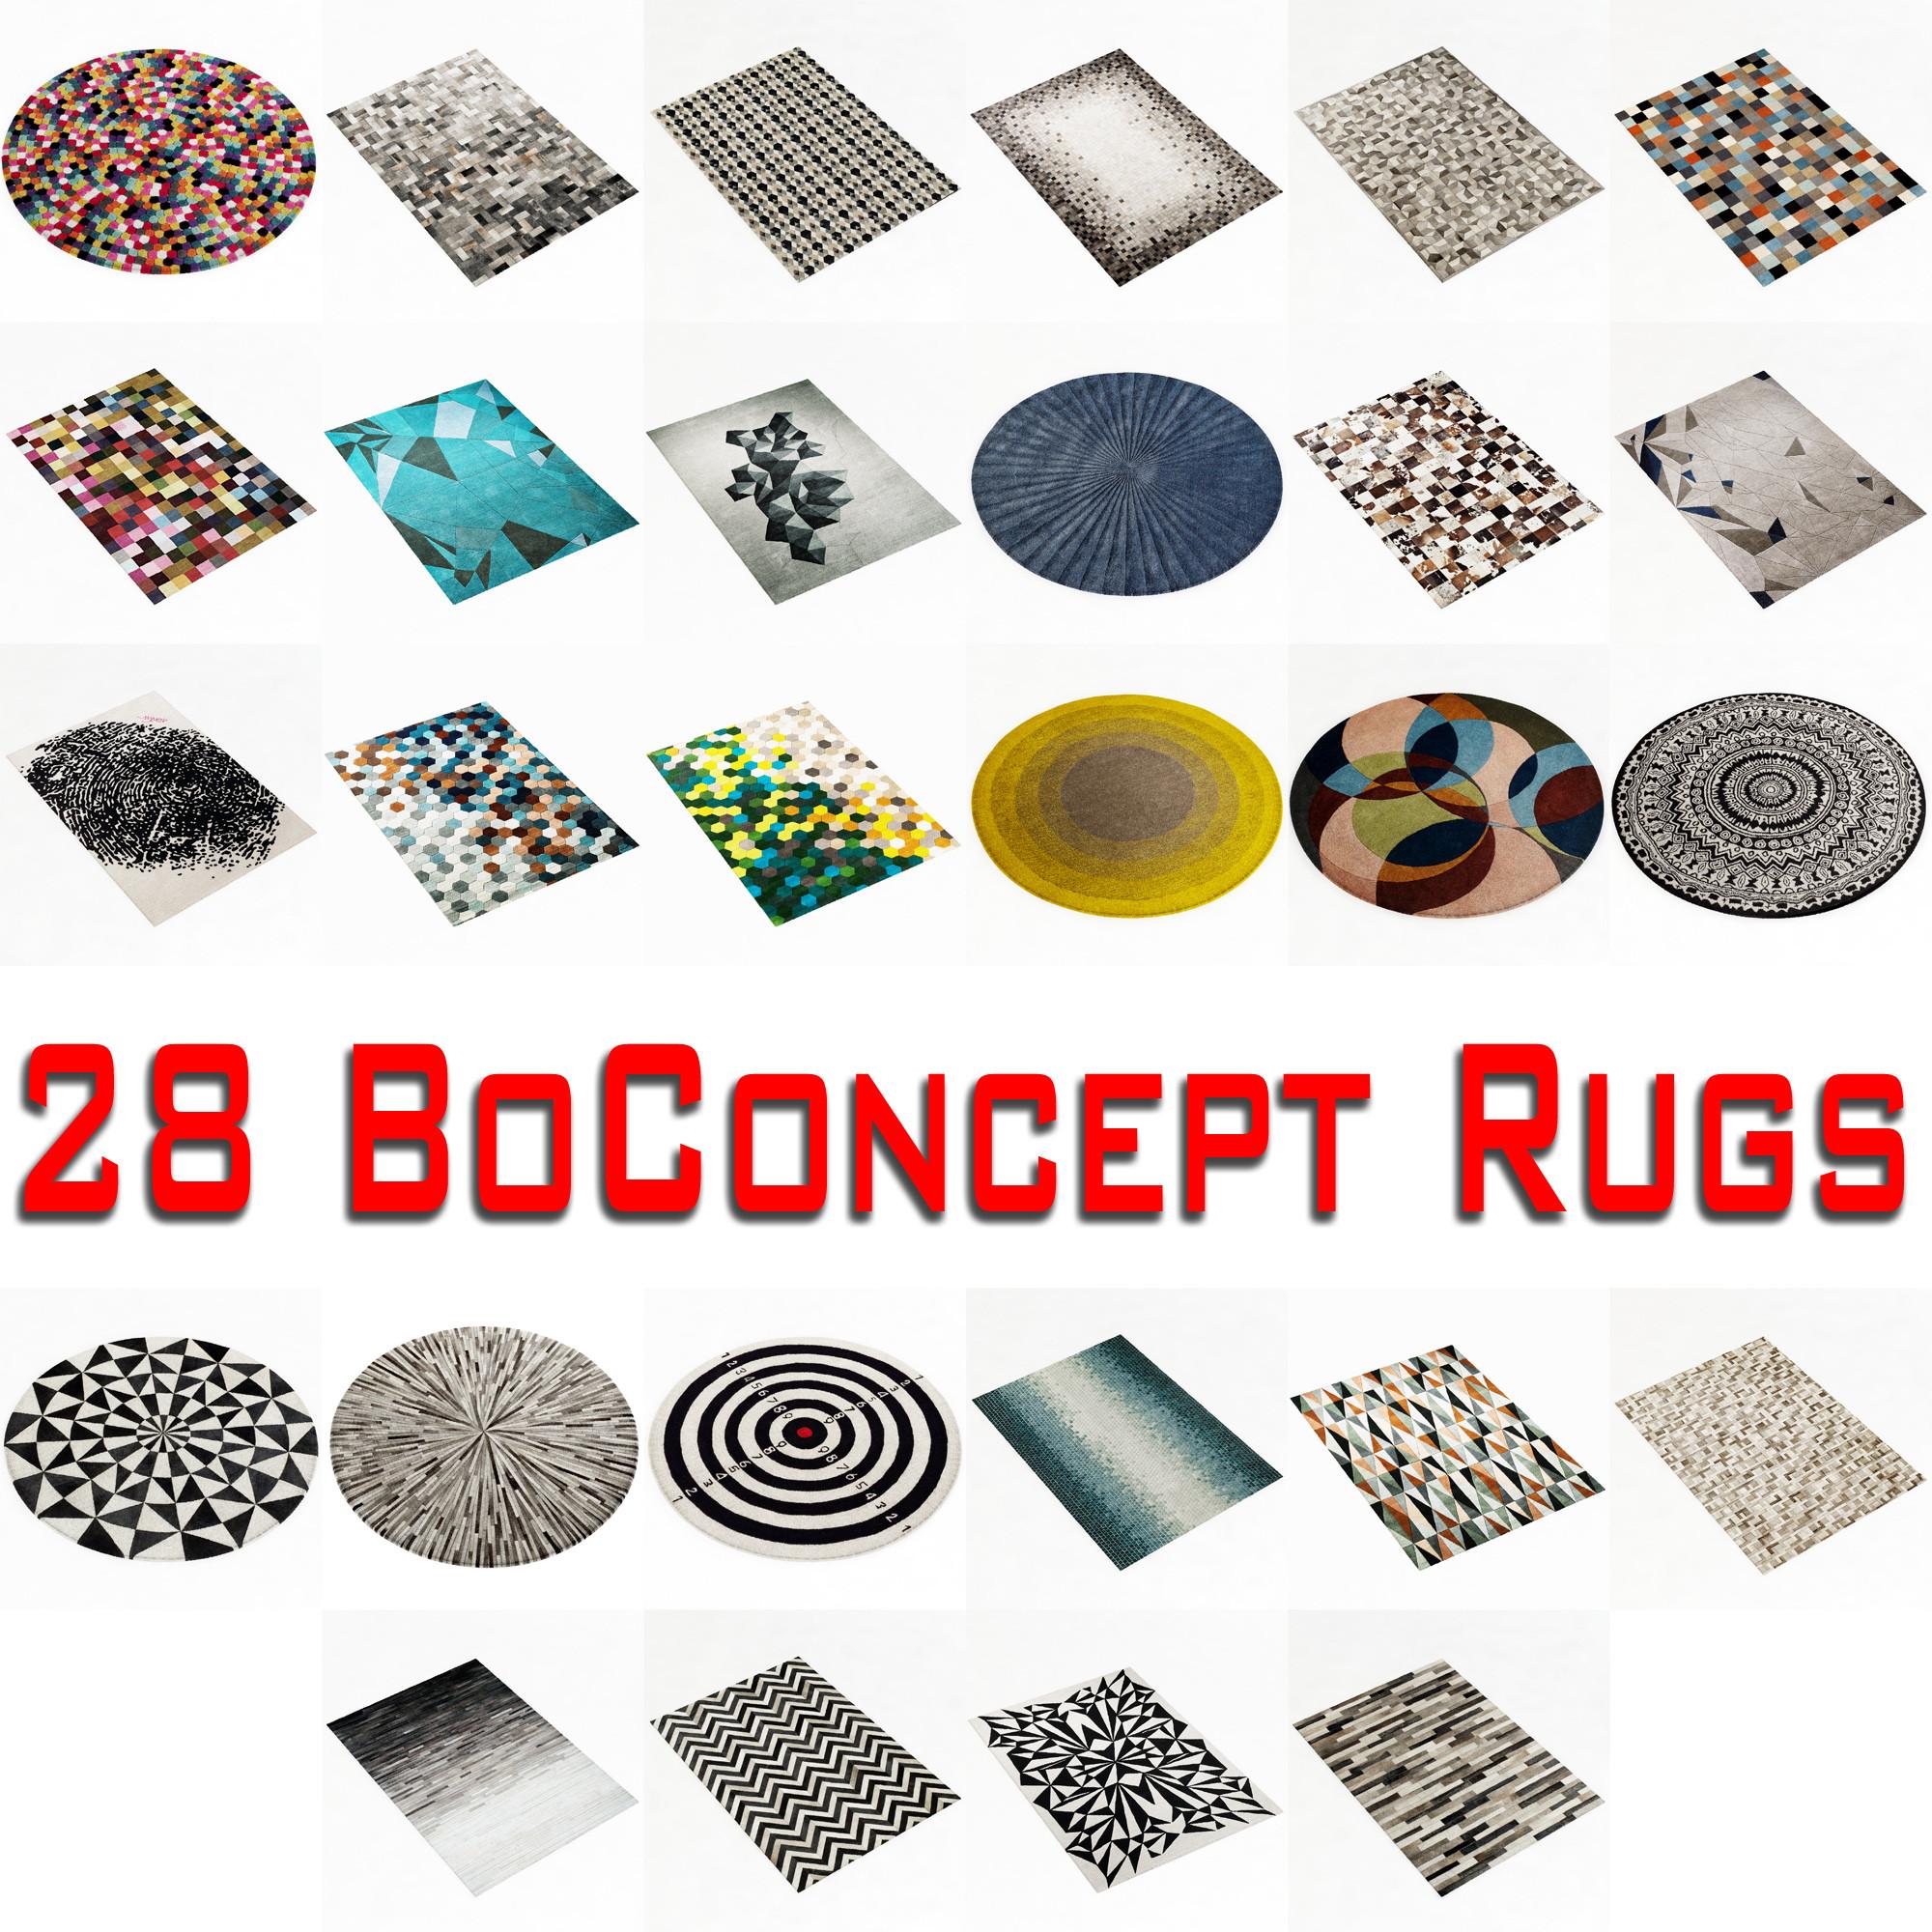 boconcept rug 3d model